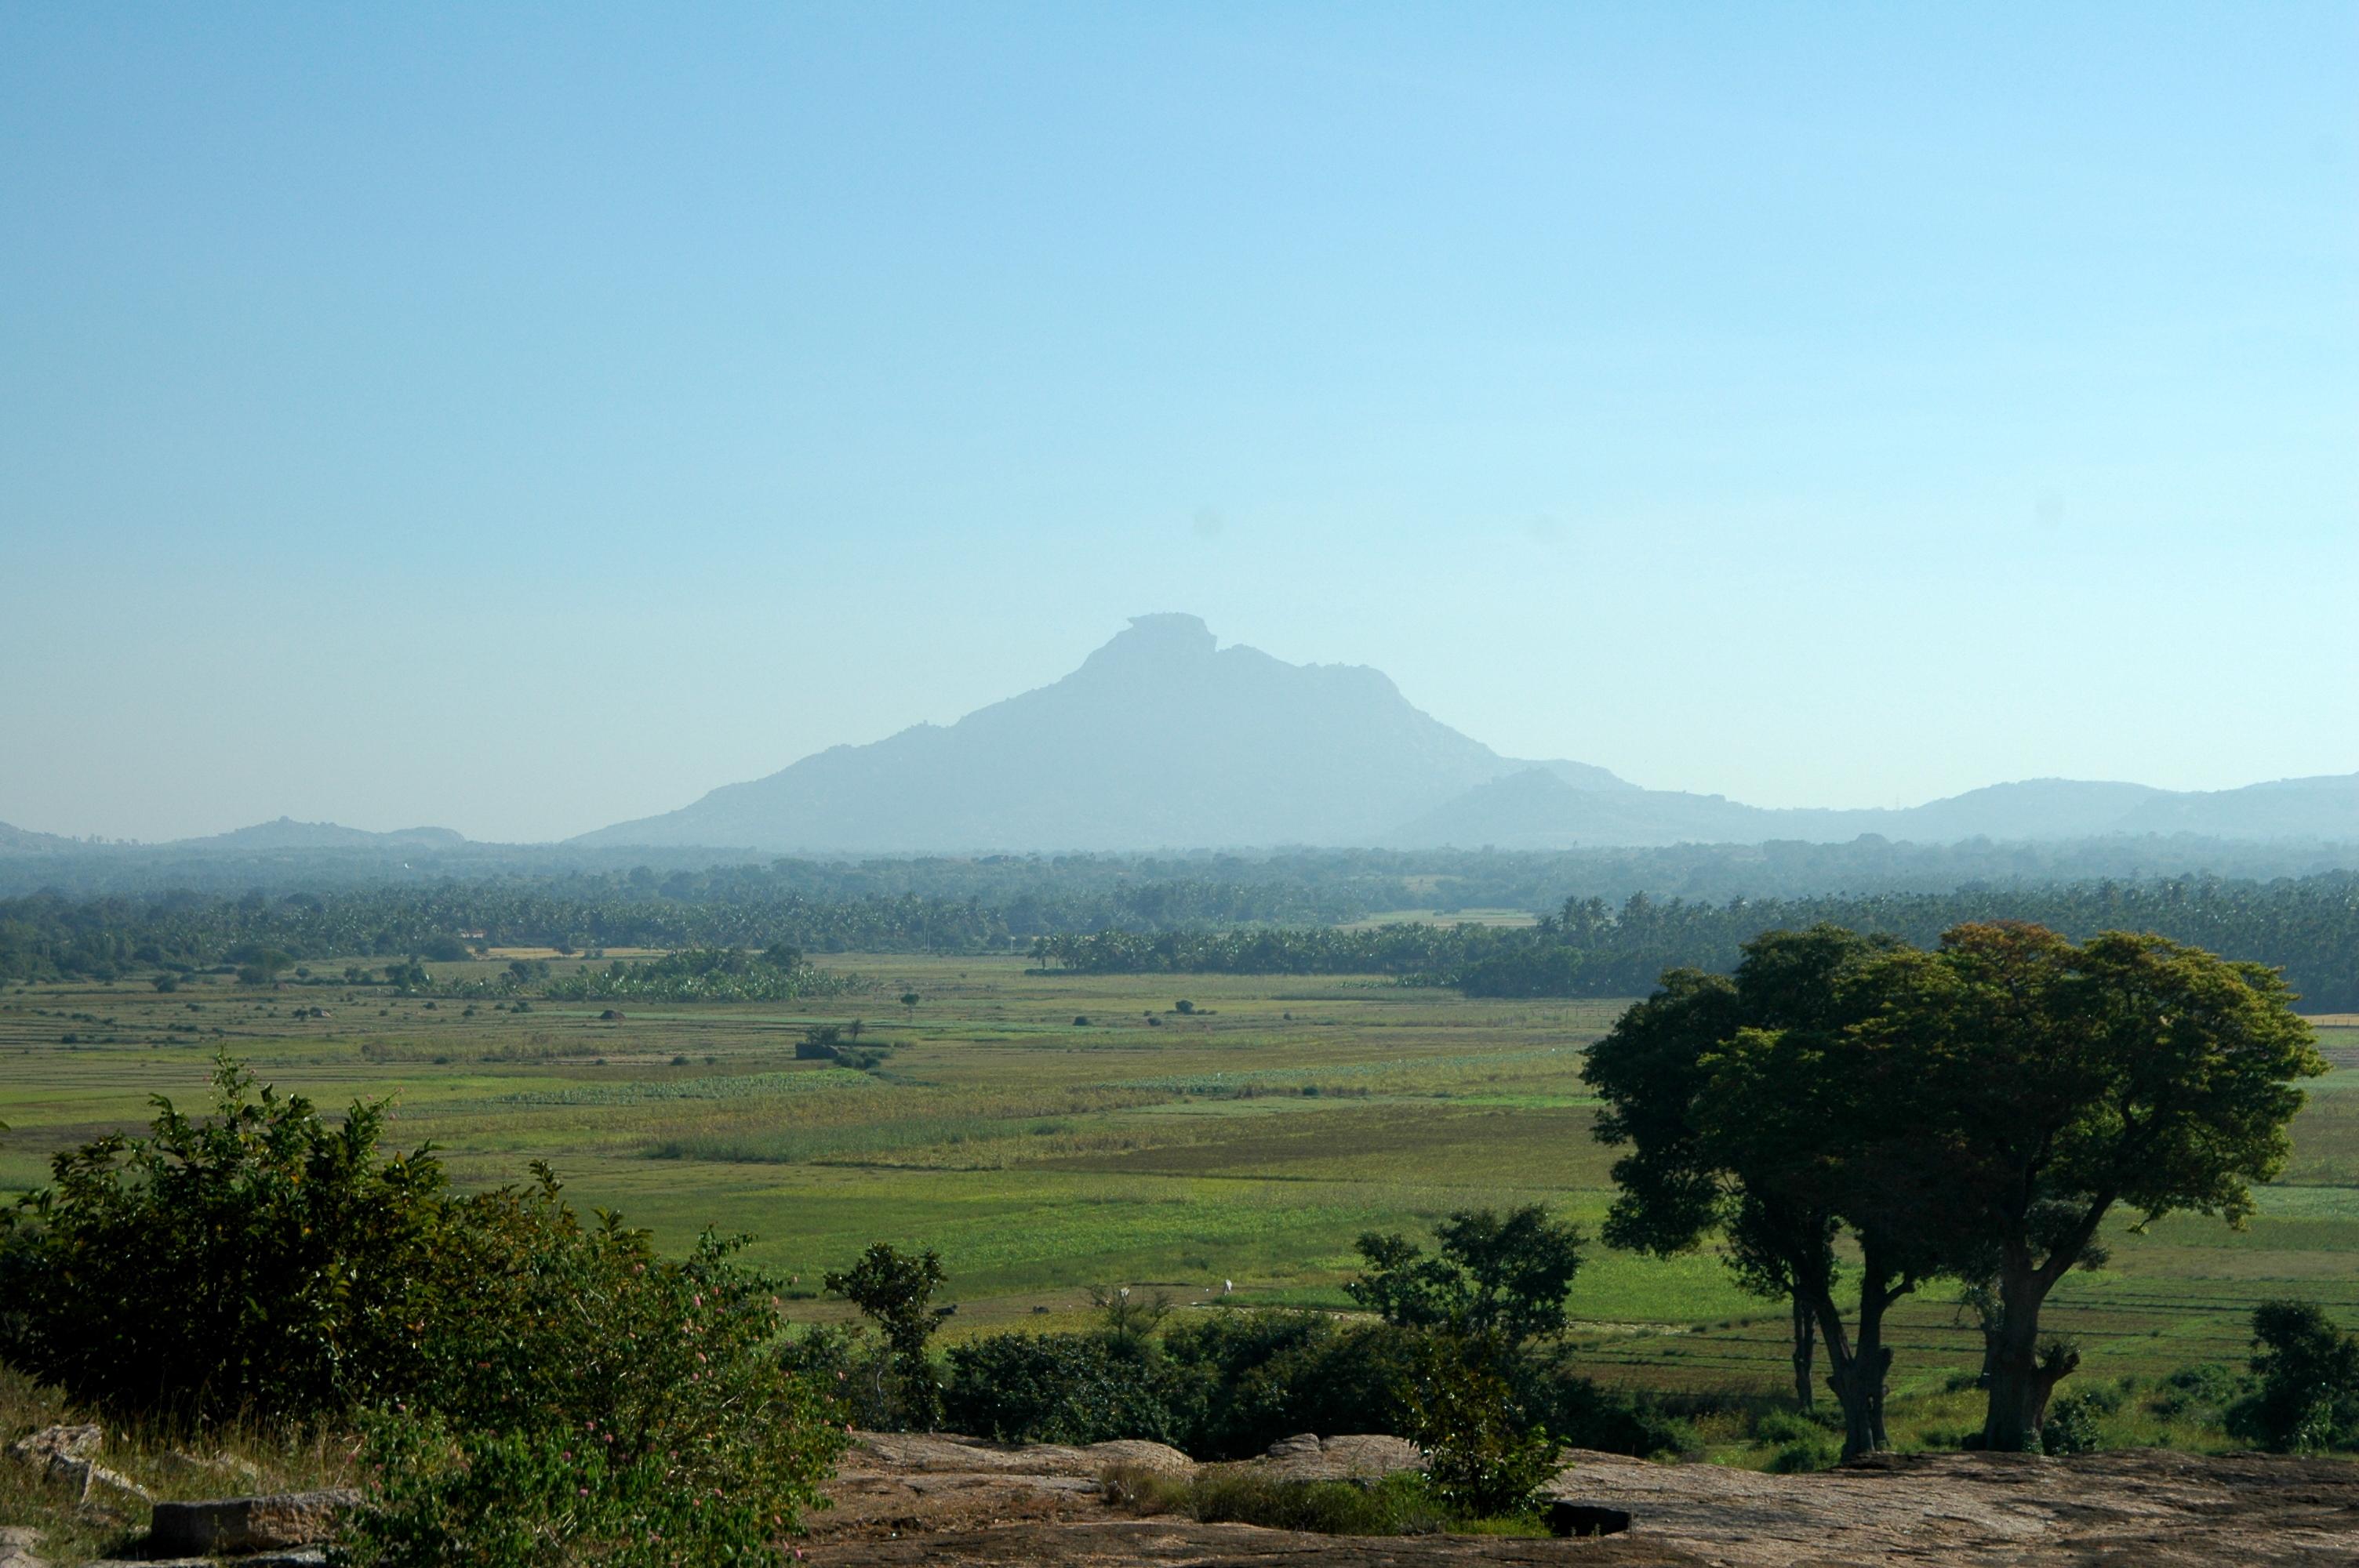 ರಾಮ-ಹನುಮರ ವಿರುಪಾಪುರ